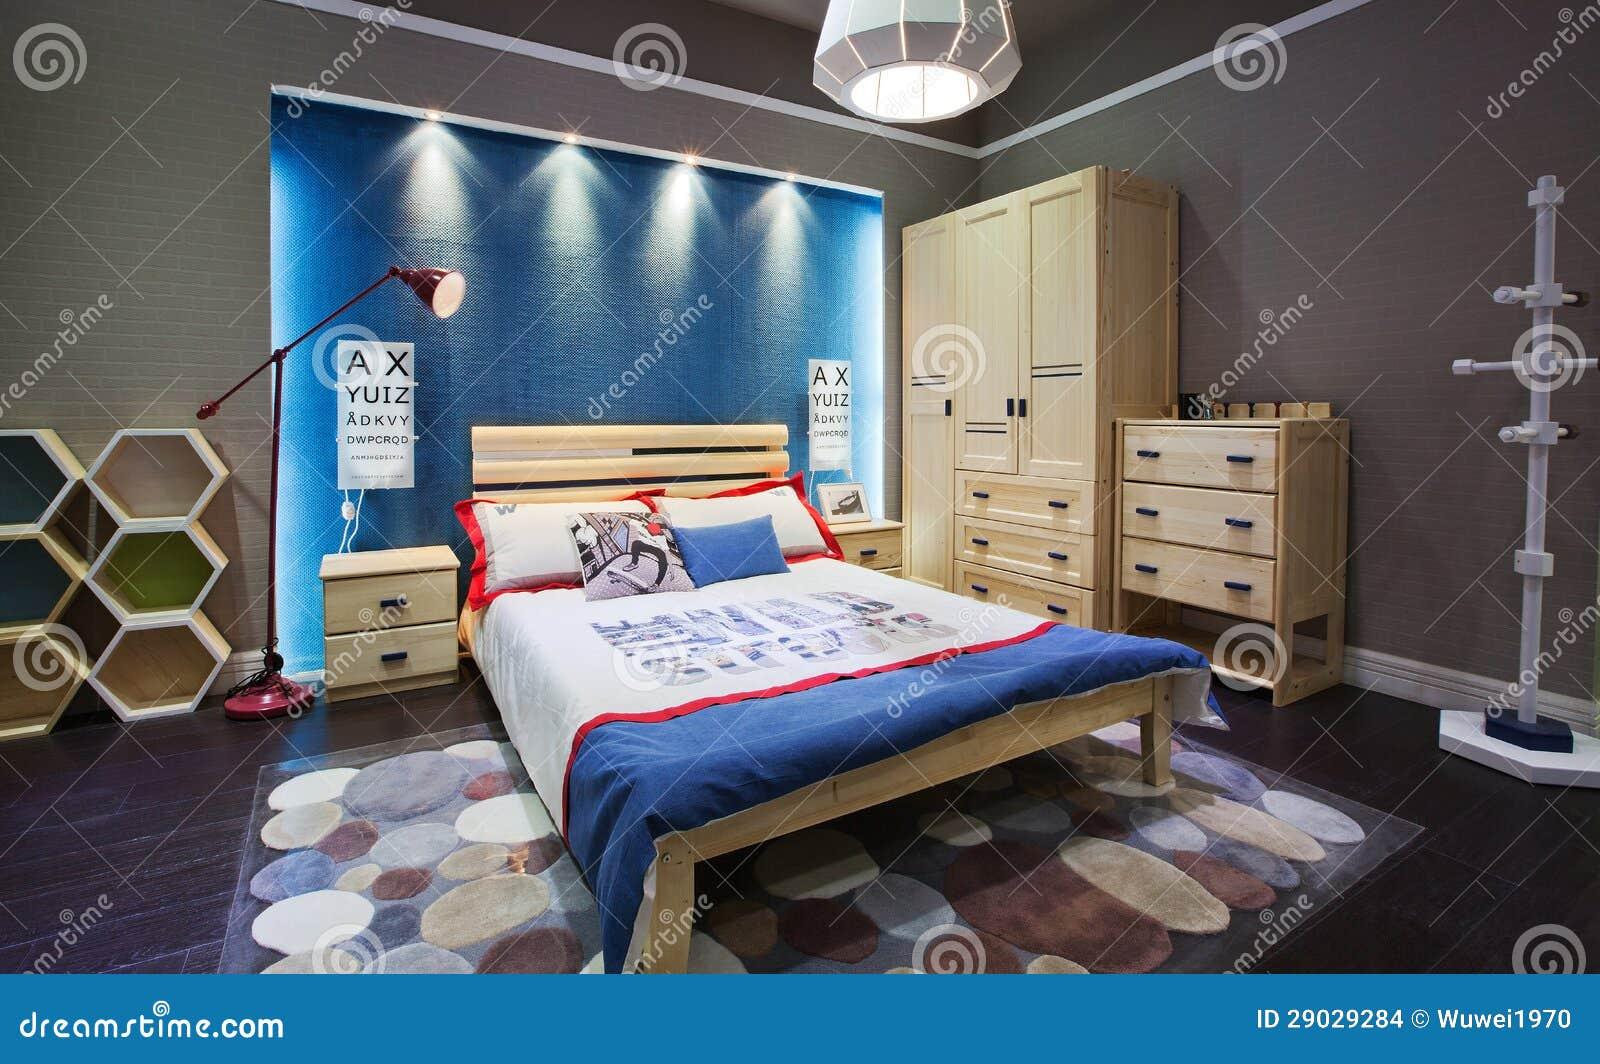 Kinderschlafzimmer 04 Stockbilder - Bild: 29029284 | {Kinder schlafzimmer 40}